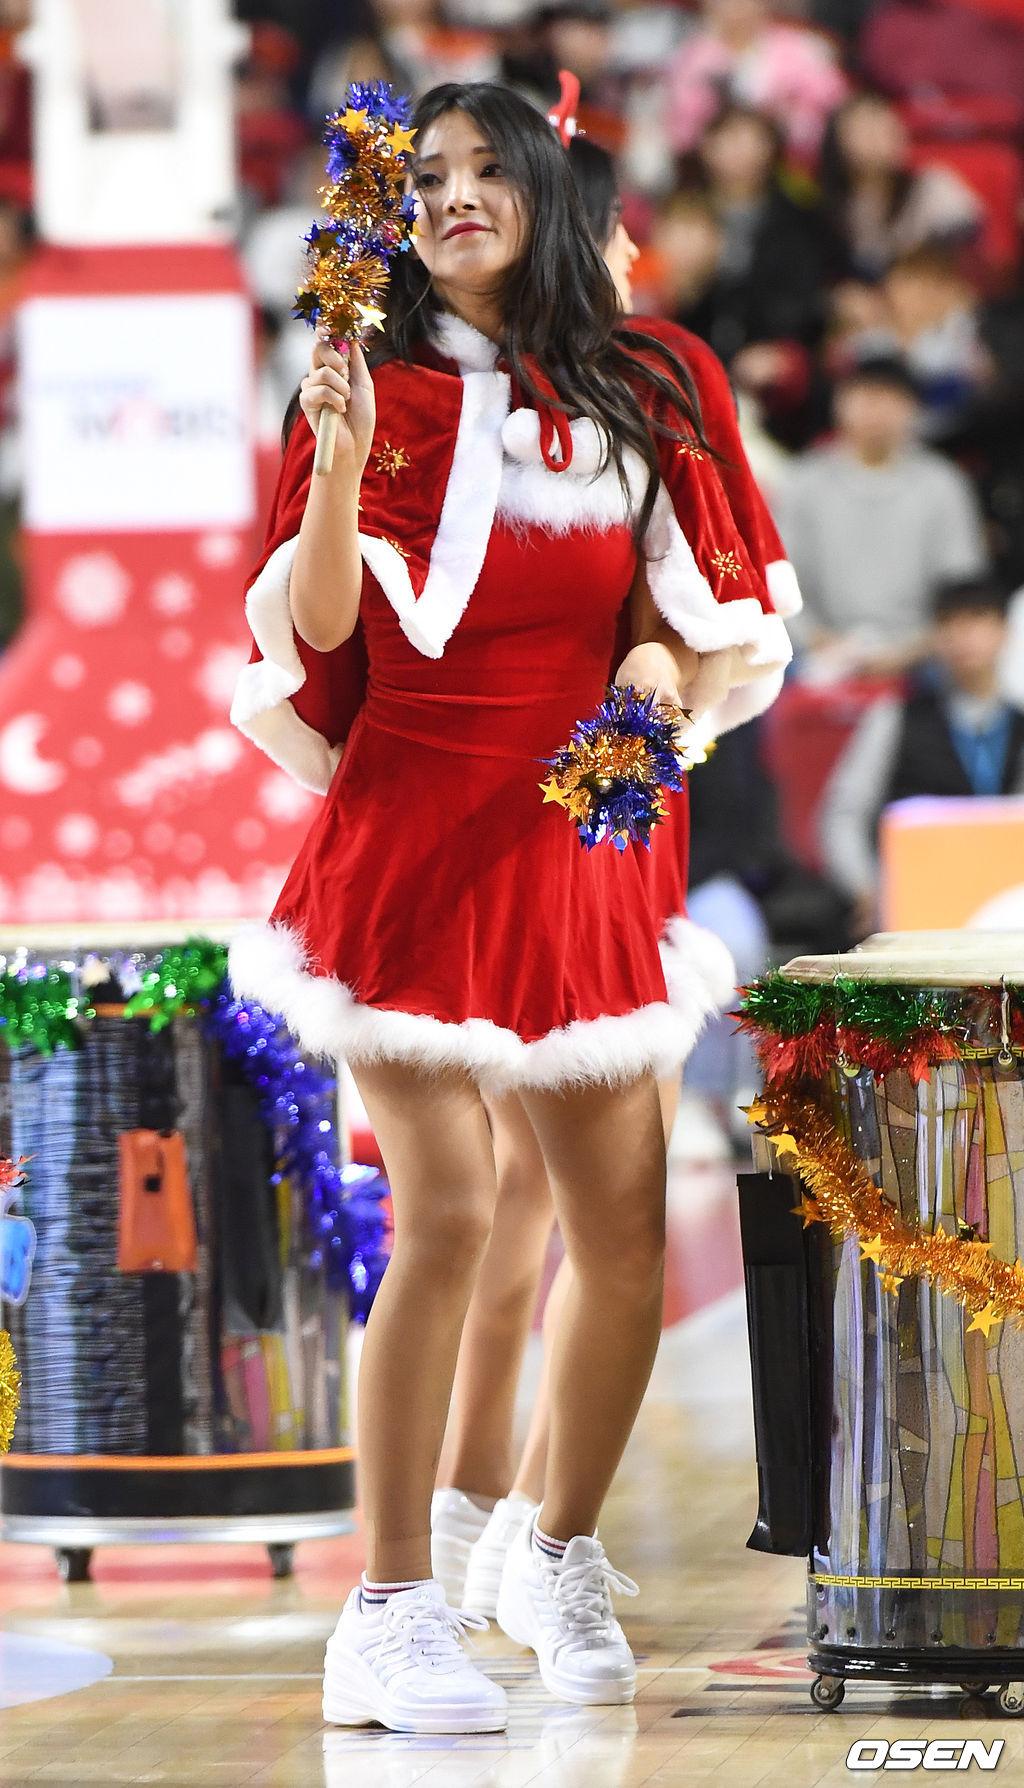 [사진]치어리더 강윤이, '귀여운 산타로 변신'